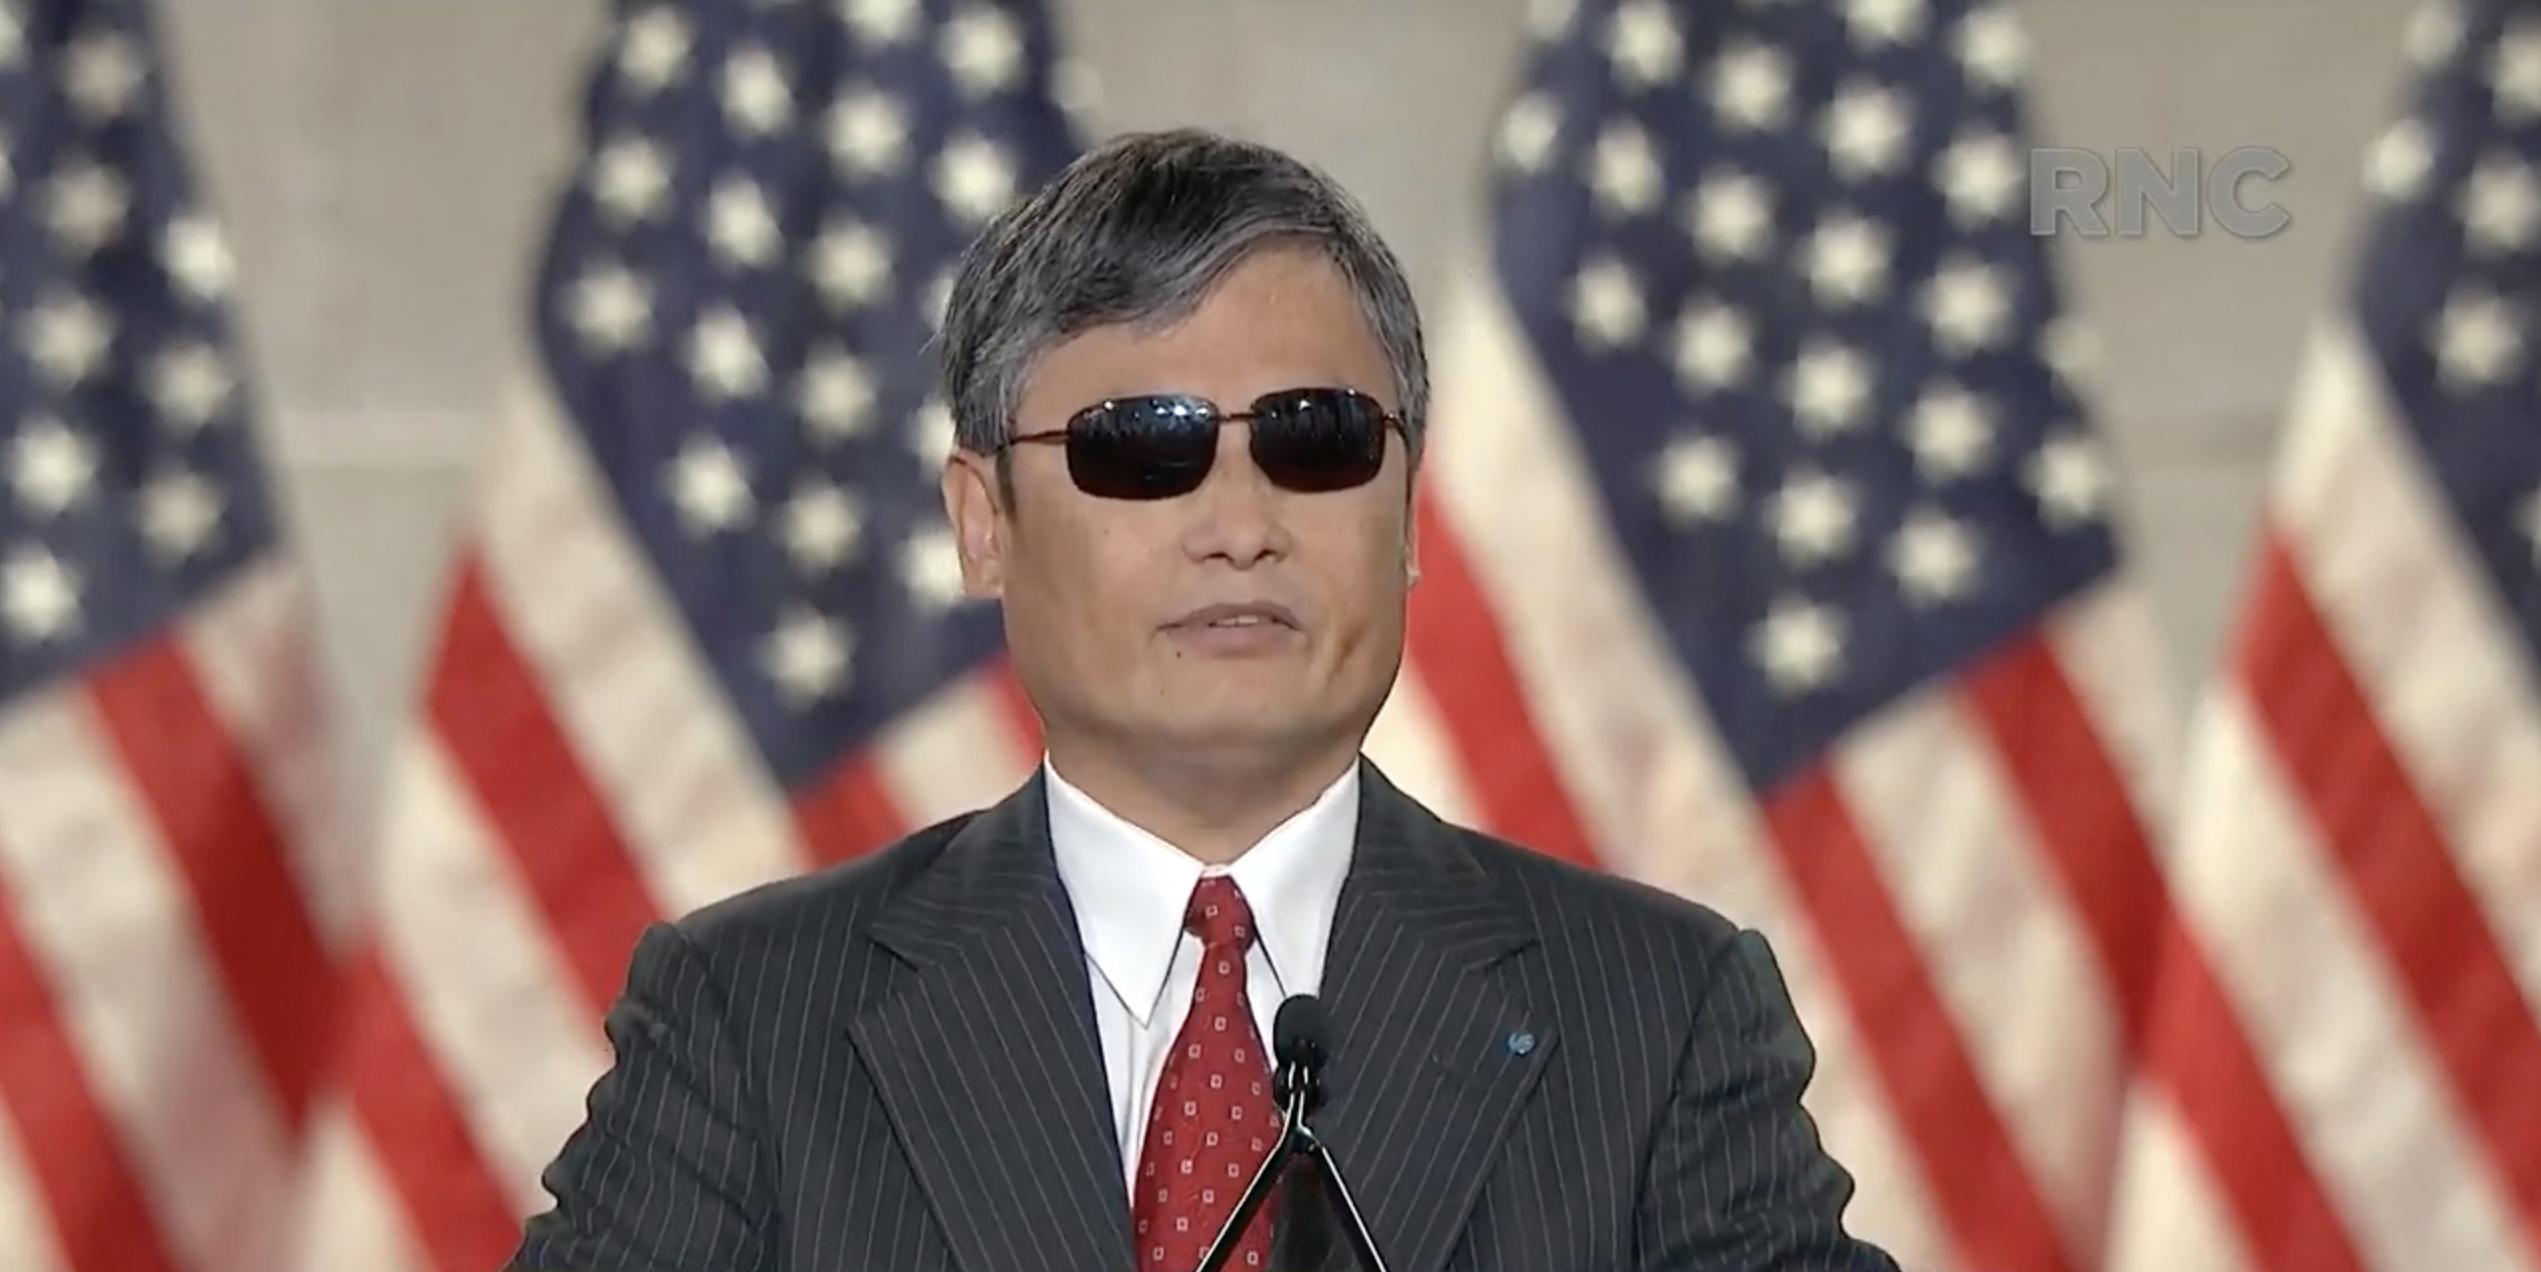 中國異見人士、逃亡美國的民間維權律師陳光誠獲邀出席周三(8月26日)的共和黨全國代表大會,他說,中共是人類的敵人。(Republican National Convention/AFP)